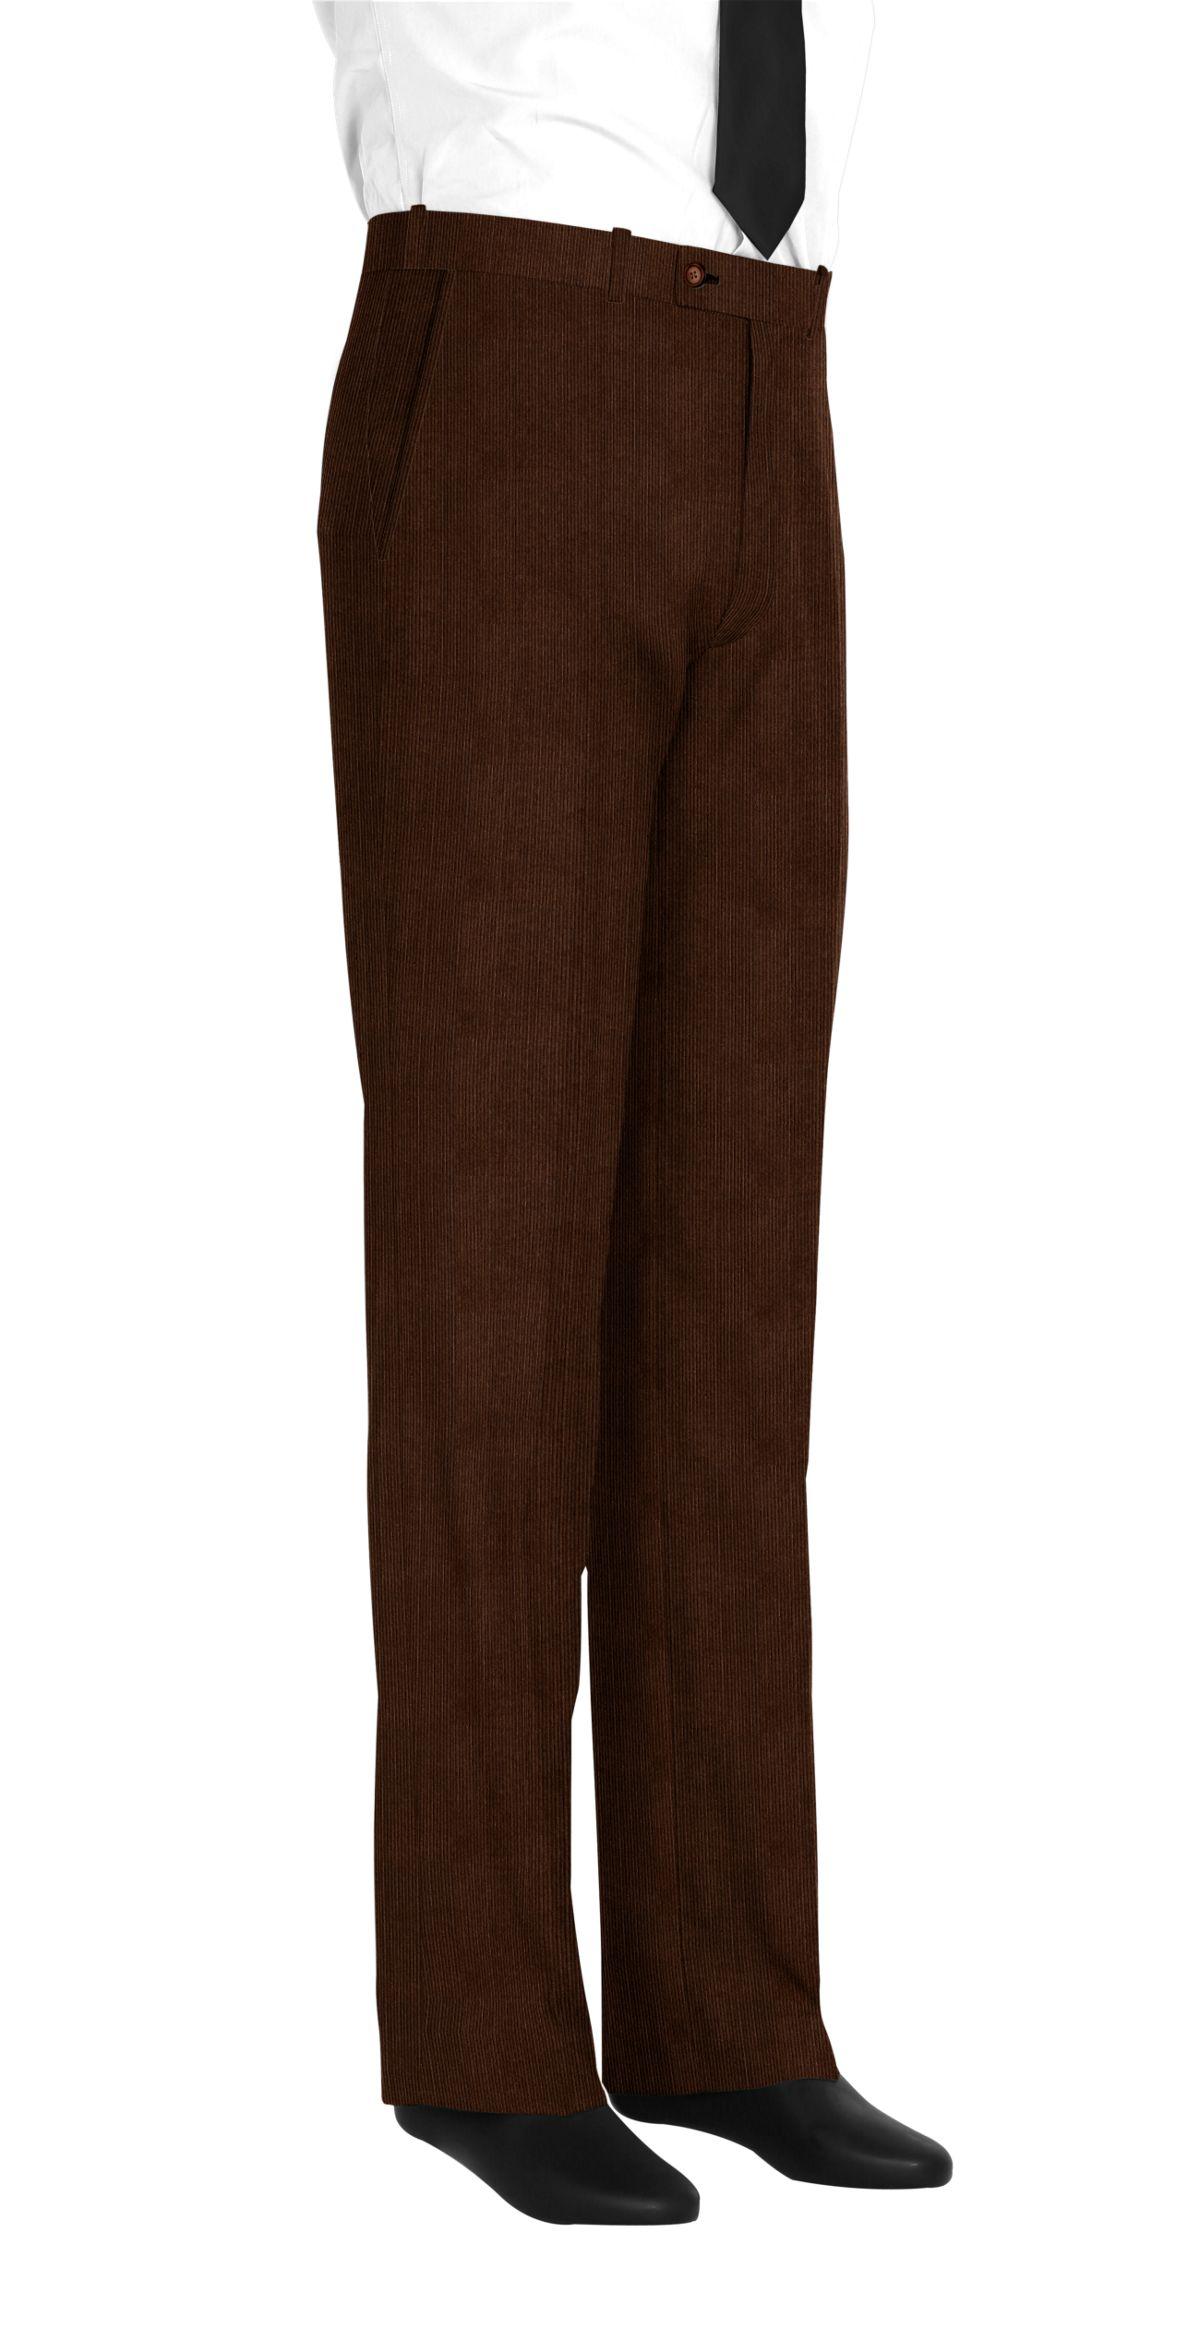 Pantalon homme sur mesure et personnalisé marron uni  bas simple sans revers